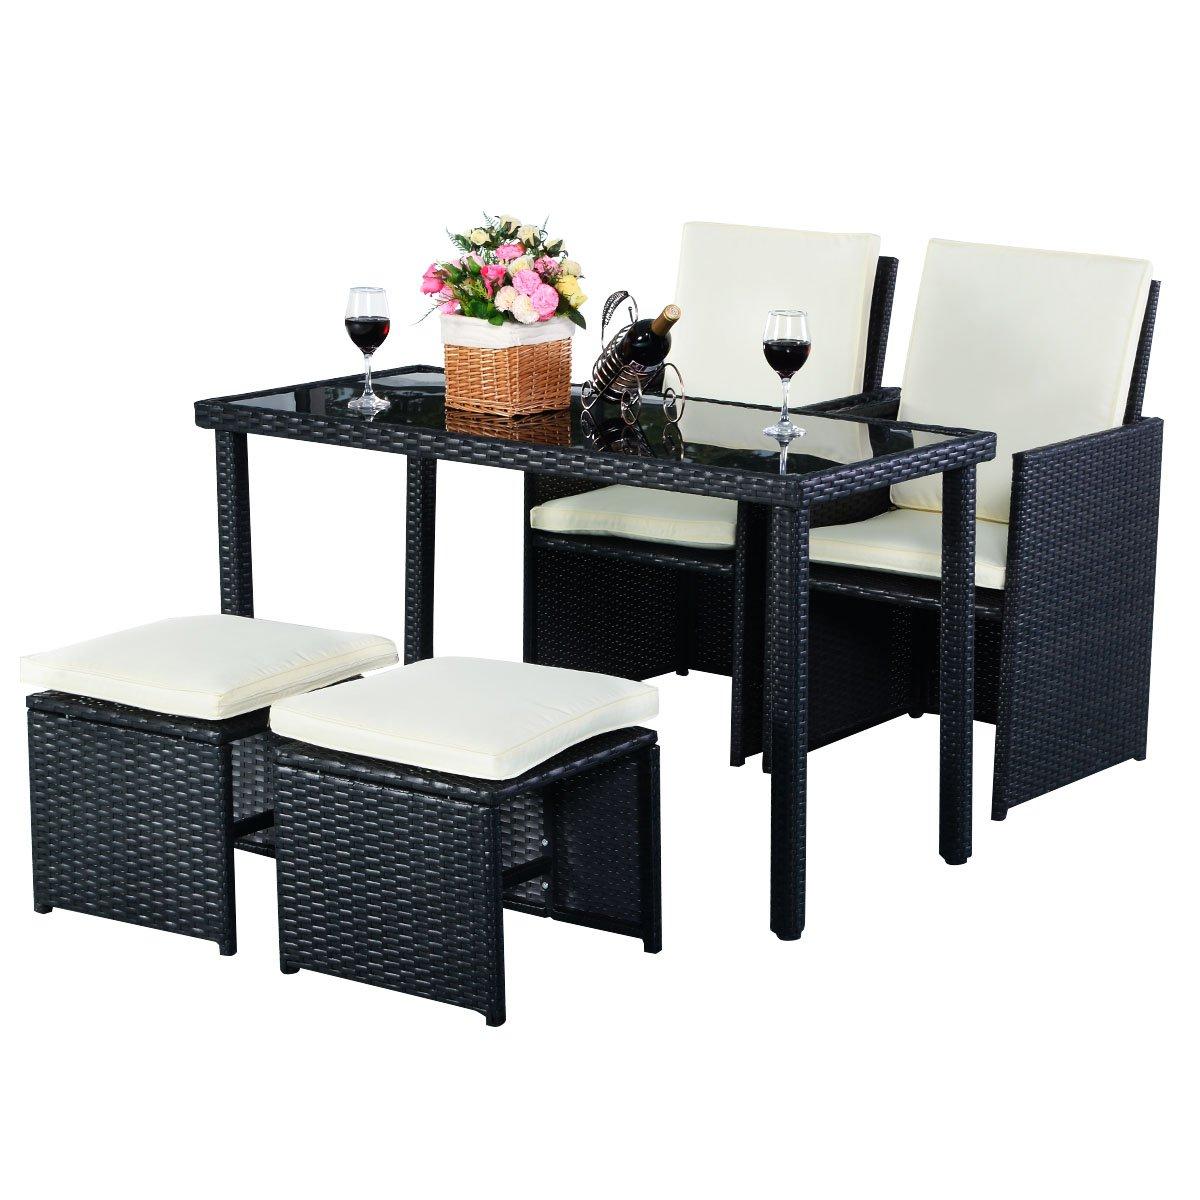 5tlg Gartenmöbel Polyrattan Lounge Set Esstisch Set Rattanmöbel ...